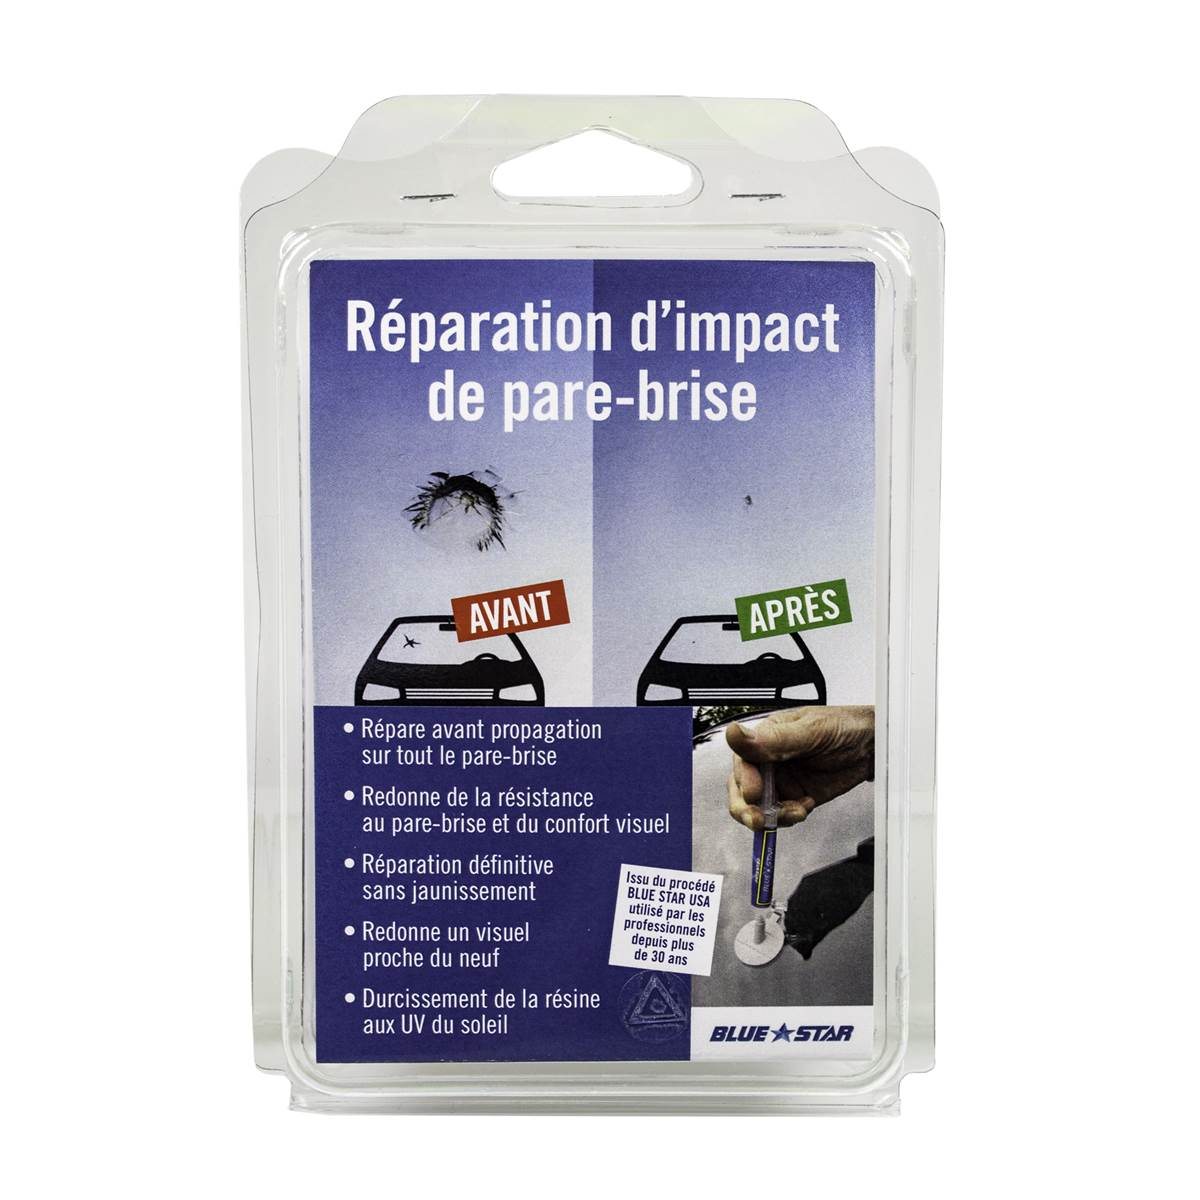 26302e32da43a Kit de réparation de pare-brise - Feu Vert